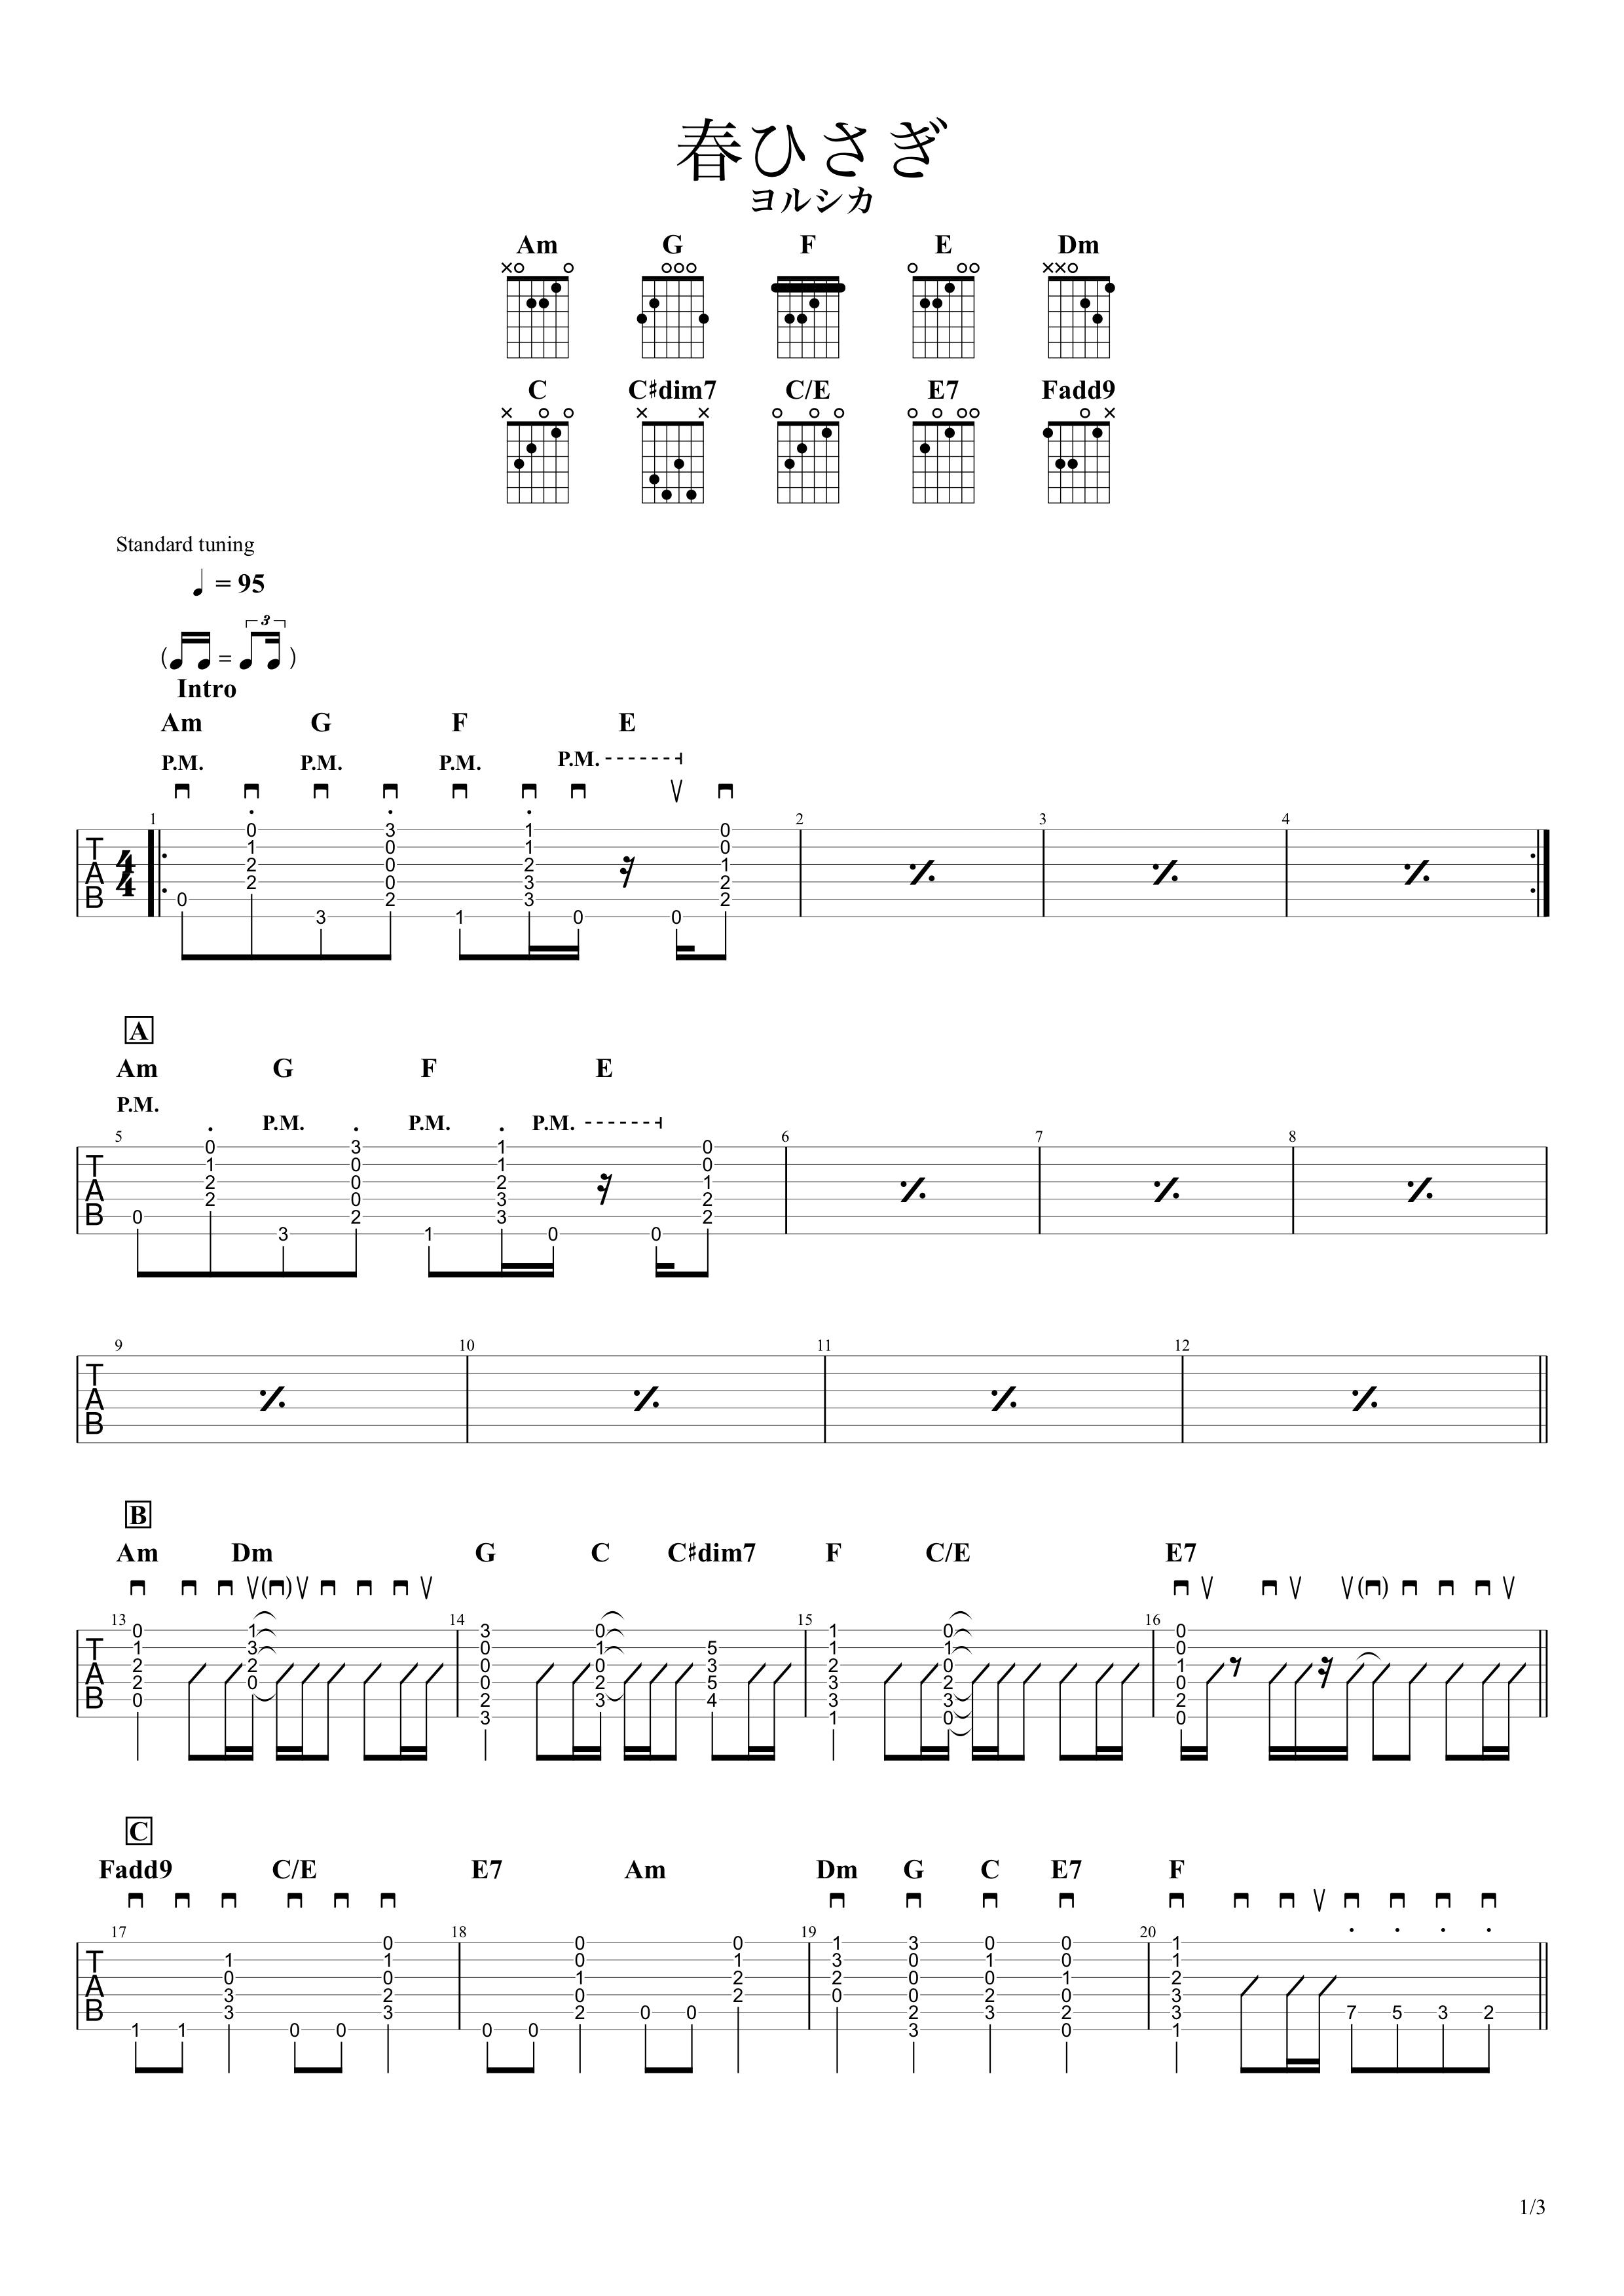 春ひさぎ/ヨルシカ ギタータブ譜 コードストロークざっくり再現Ver.01